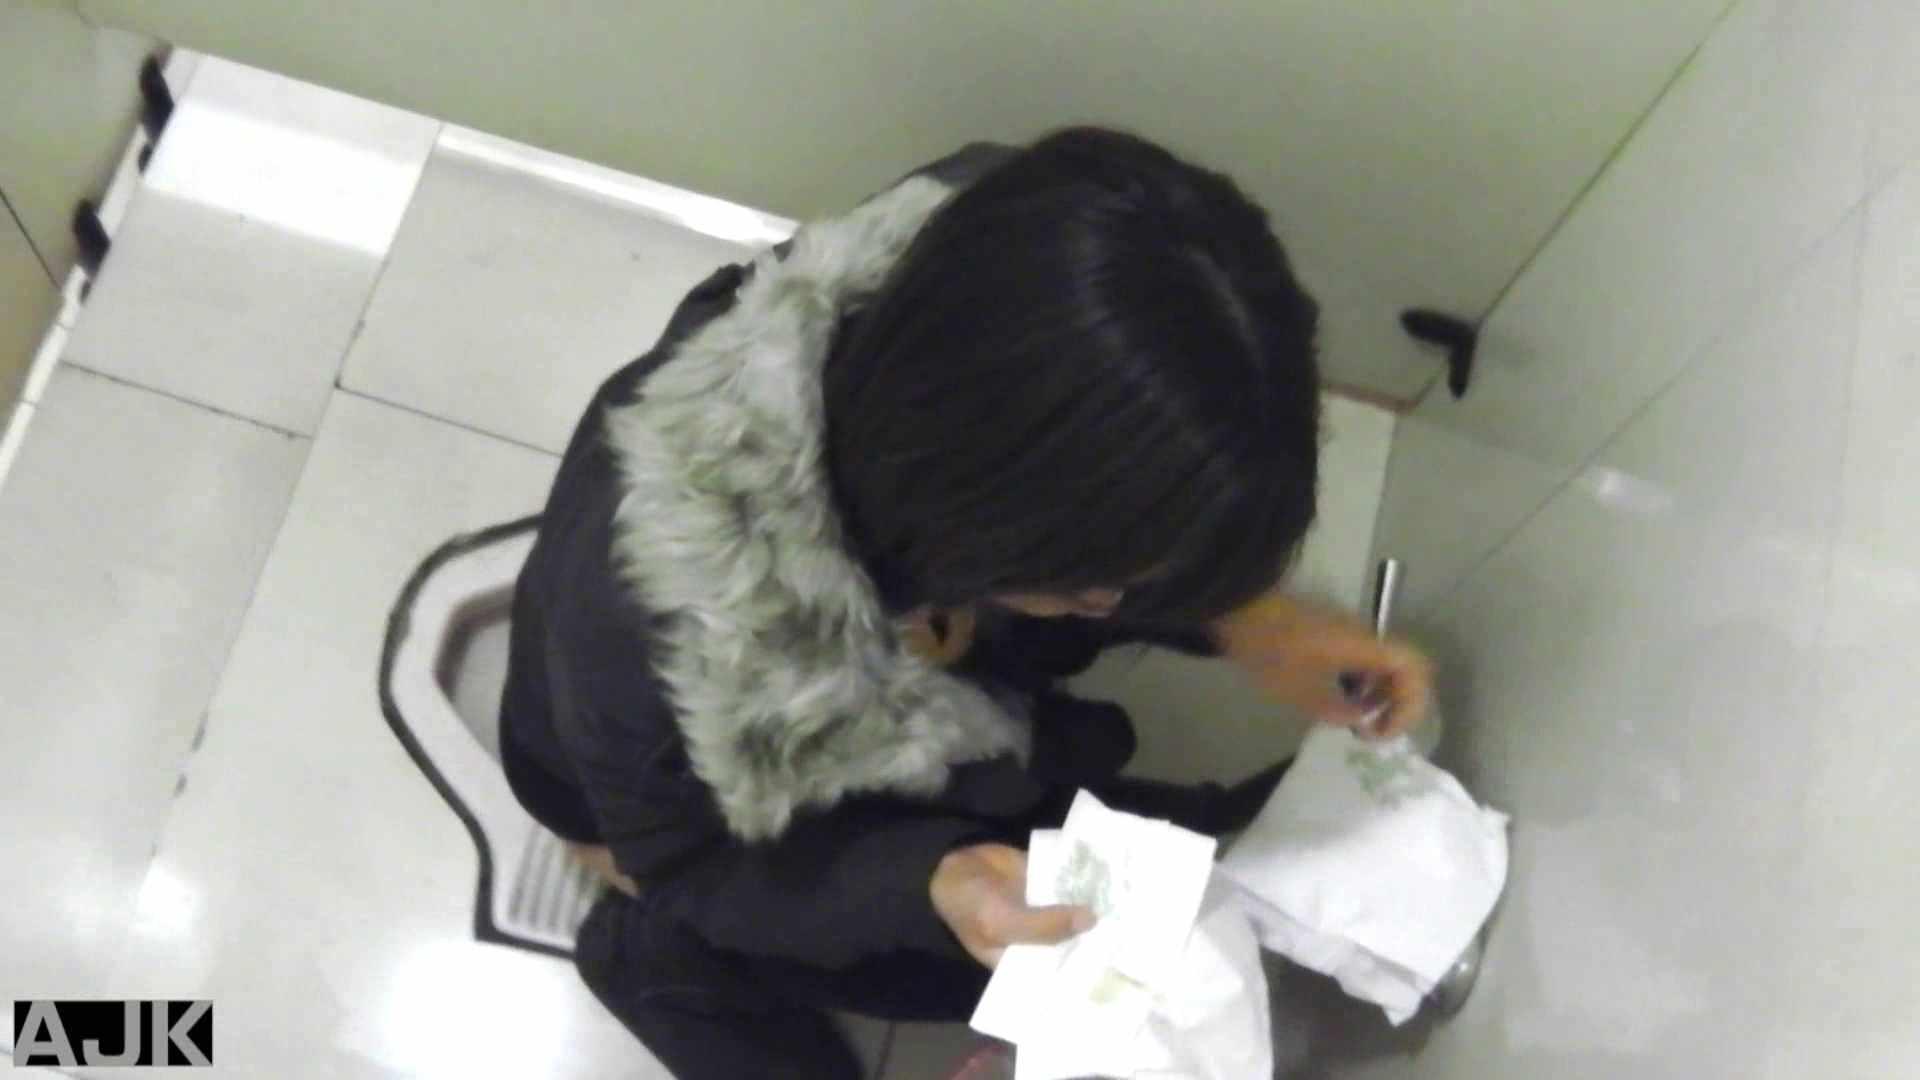 隣国上階級エリアの令嬢たちが集うデパートお手洗い Vol.03 お手洗い  98Pix 12